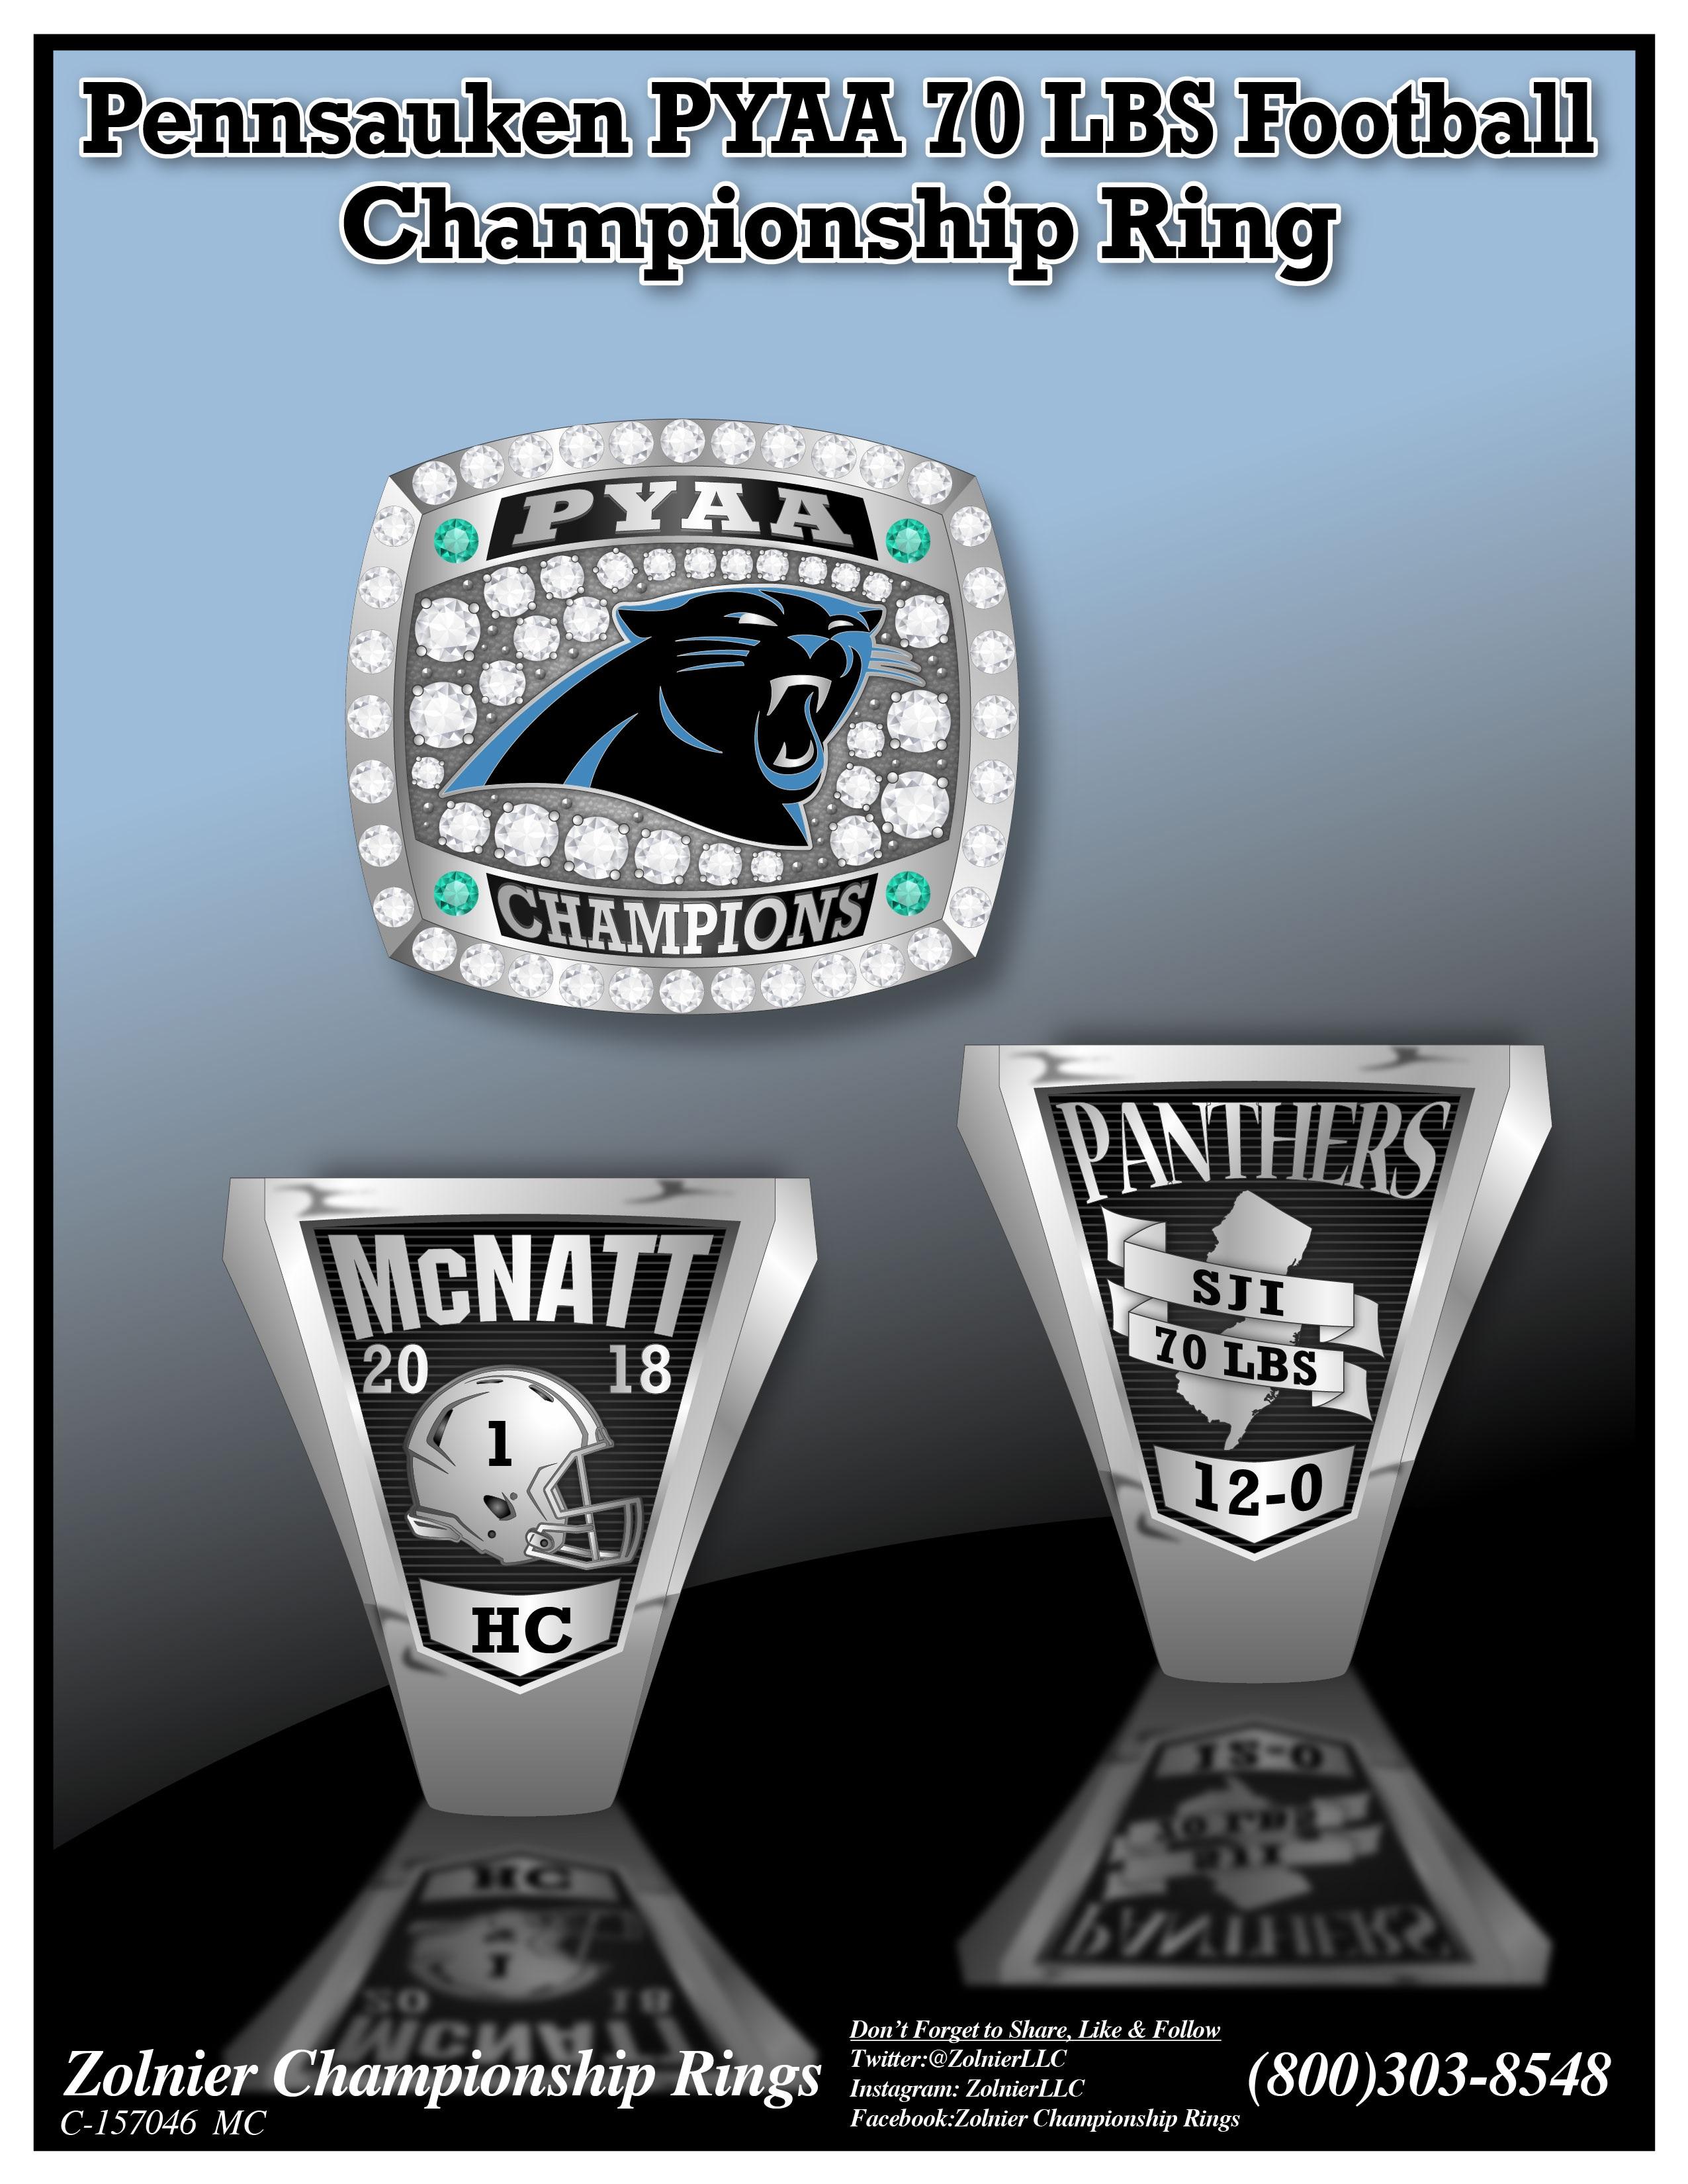 C-157046 PYAA 70 LBS Pennsauken Champ Ring